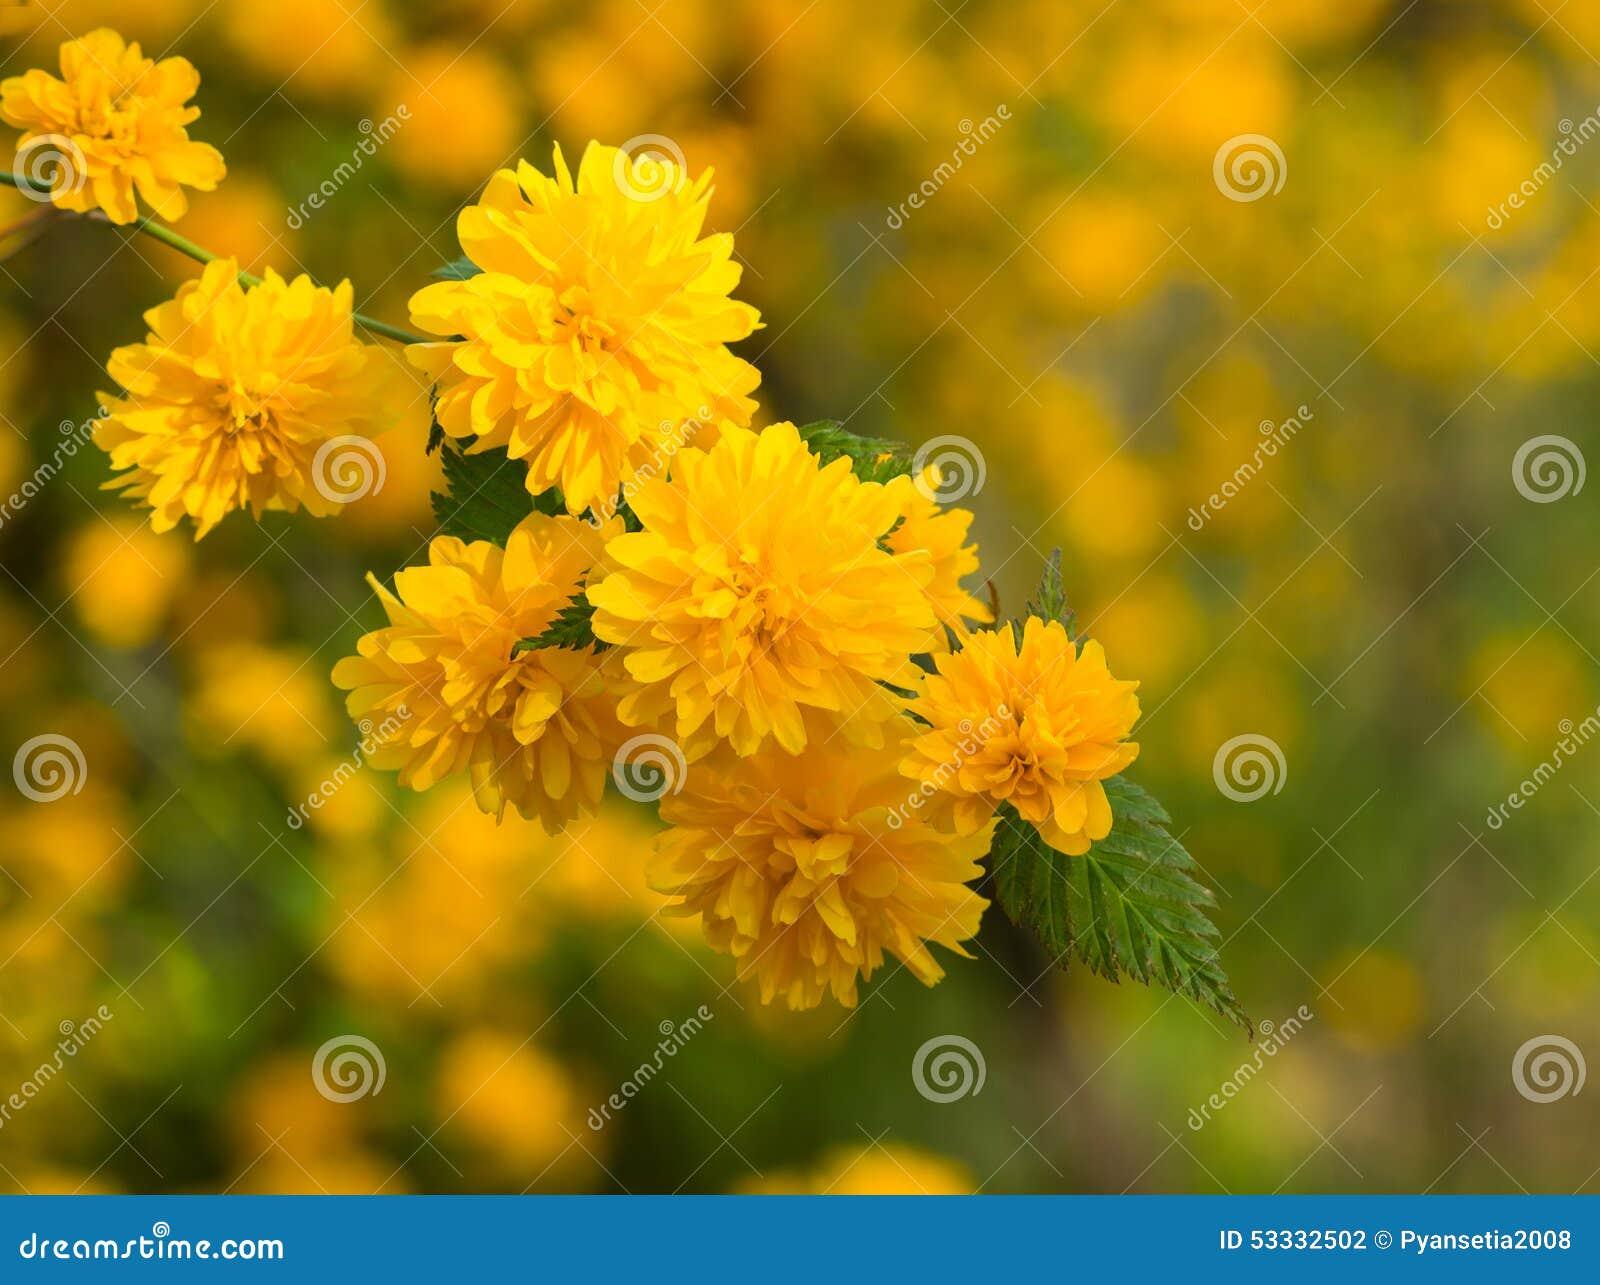 petite fleur jaune de fleurs au printemps photo stock image du centrale nature 53332502. Black Bedroom Furniture Sets. Home Design Ideas